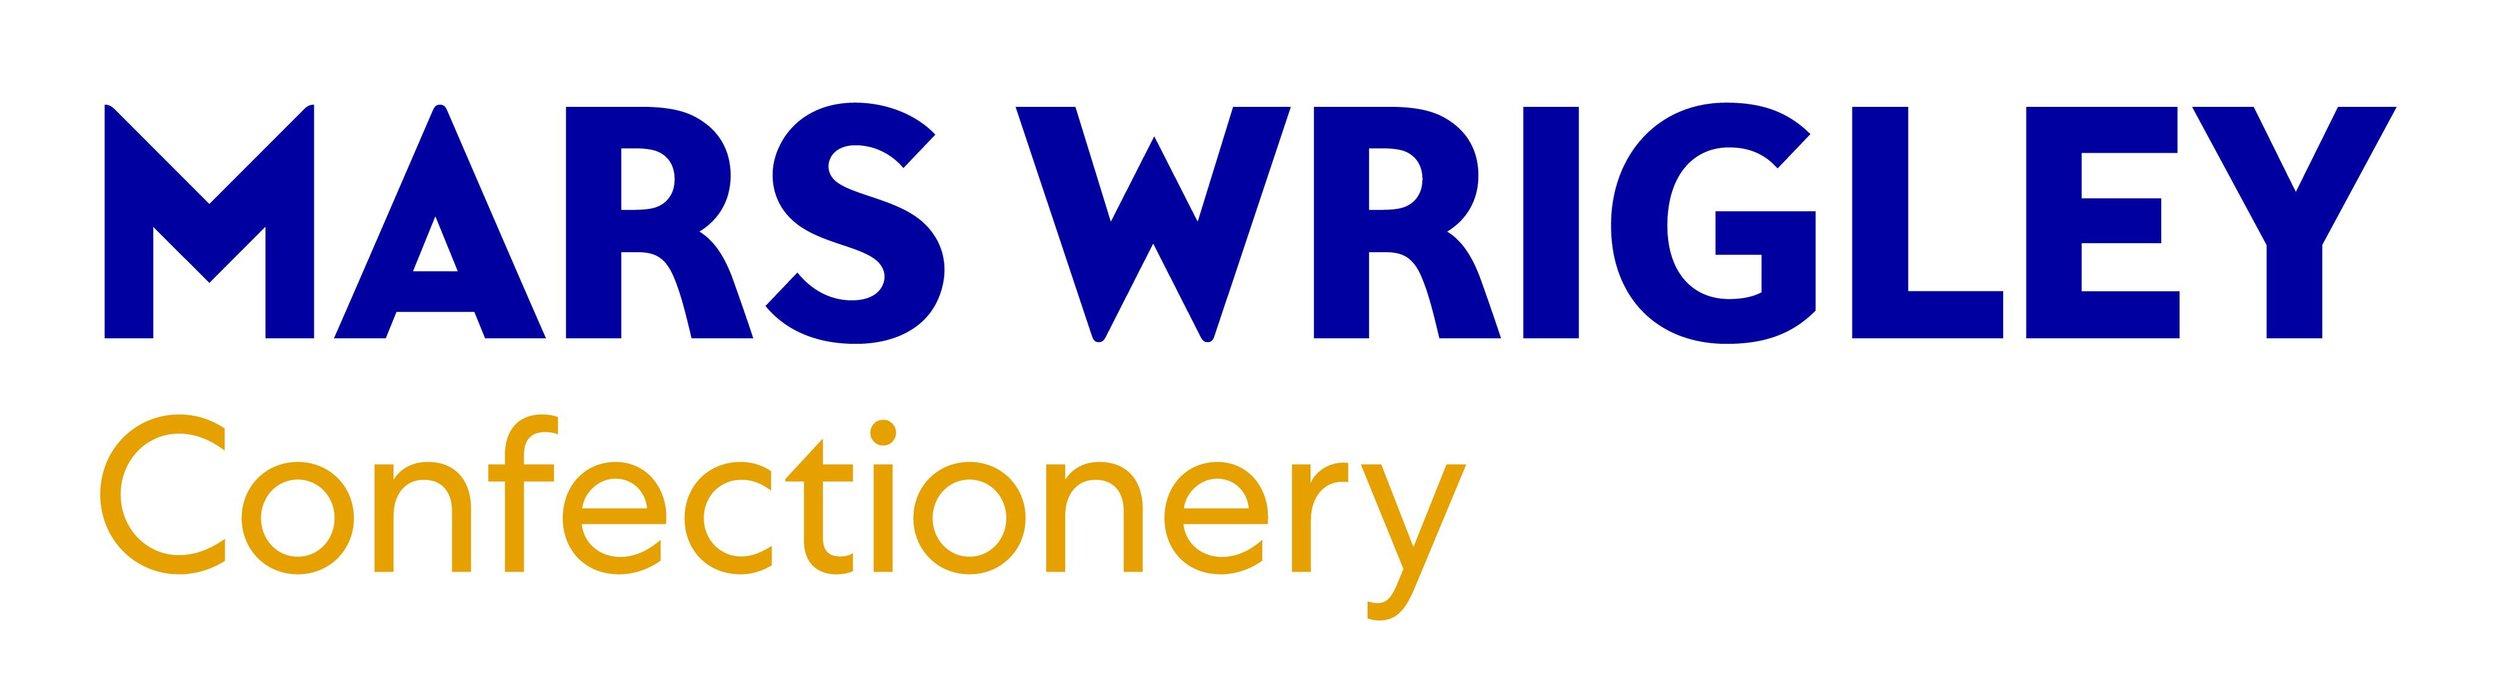 Mars Wrigley Confectionery lockup RGB.jpg